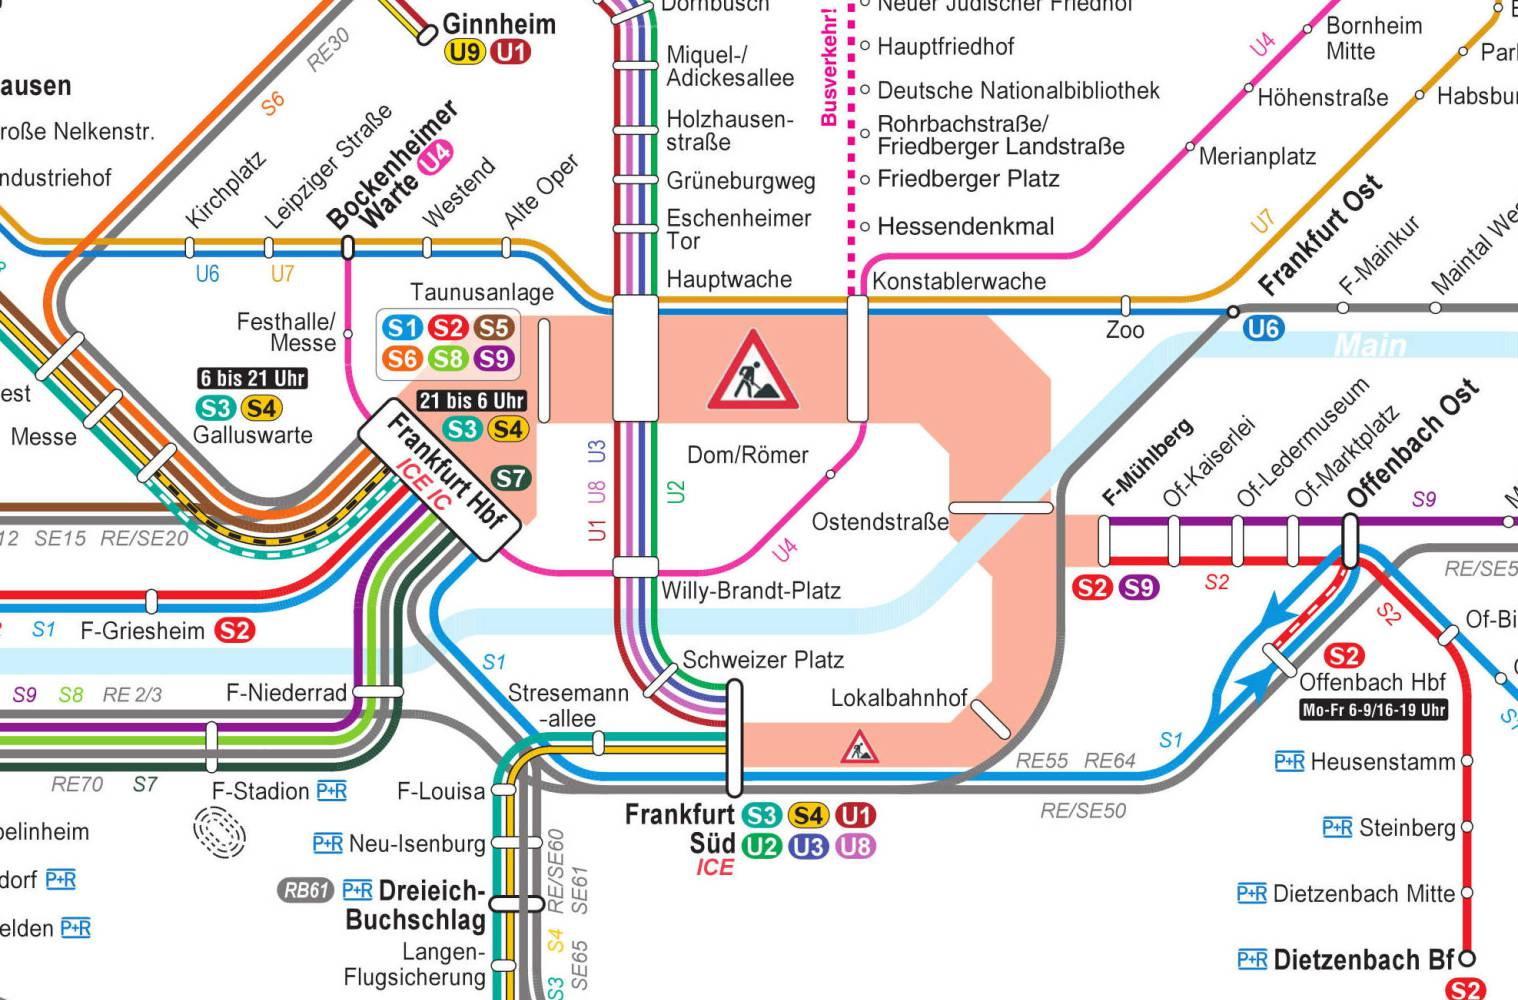 So sieht der Liniennetzplan für die S-Bahnen und U-Bahnen in und um Frankfurt am Main während der Tunnelsperrung in den Sommerferien 2016 aus. (Quelle: RMV)